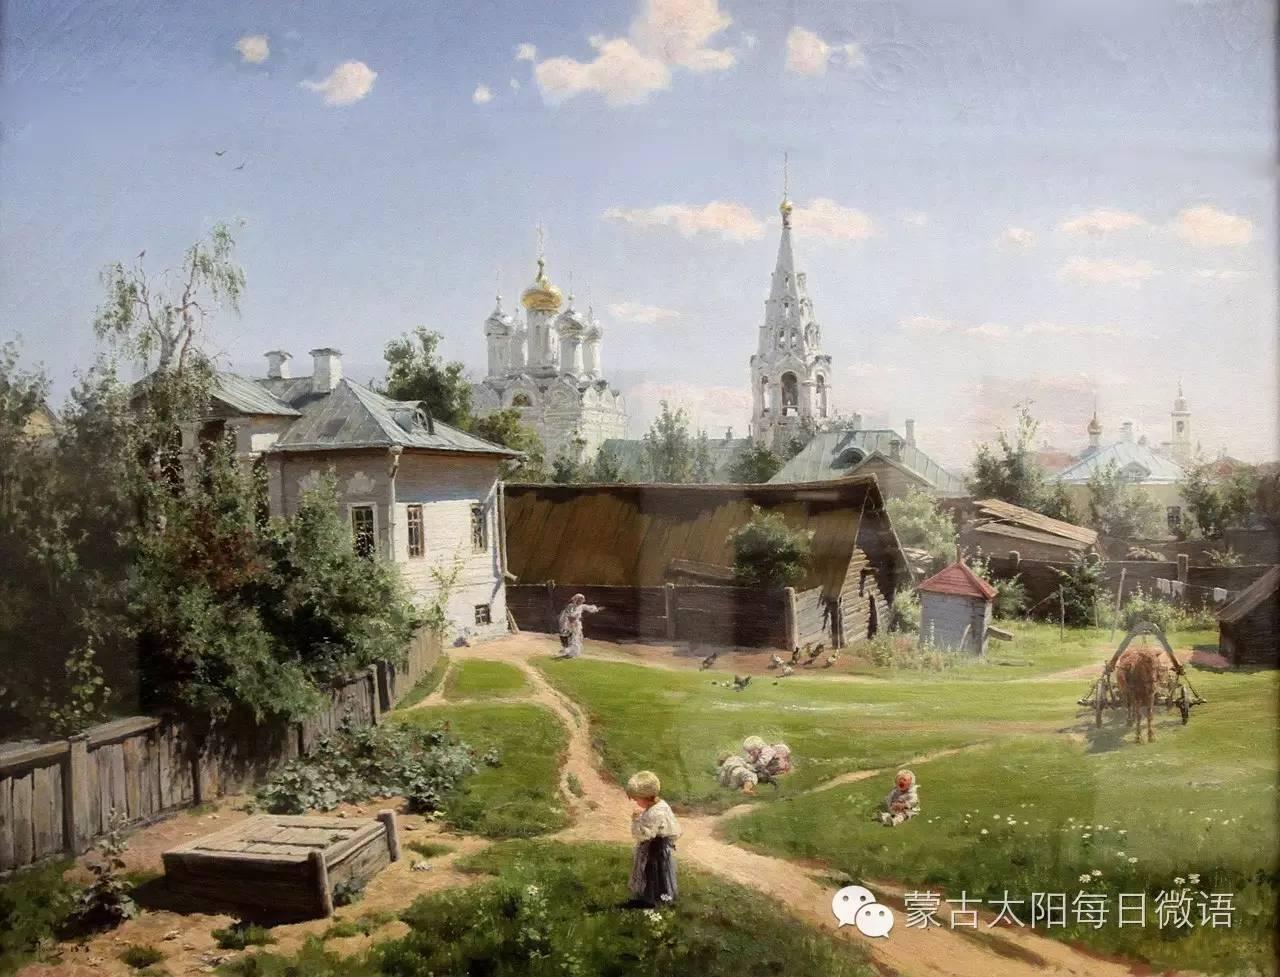 一个蒙古人眼中的欧洲  第32章 世界著名蒙古族画家费岳达尔•卡尔梅克 第34张